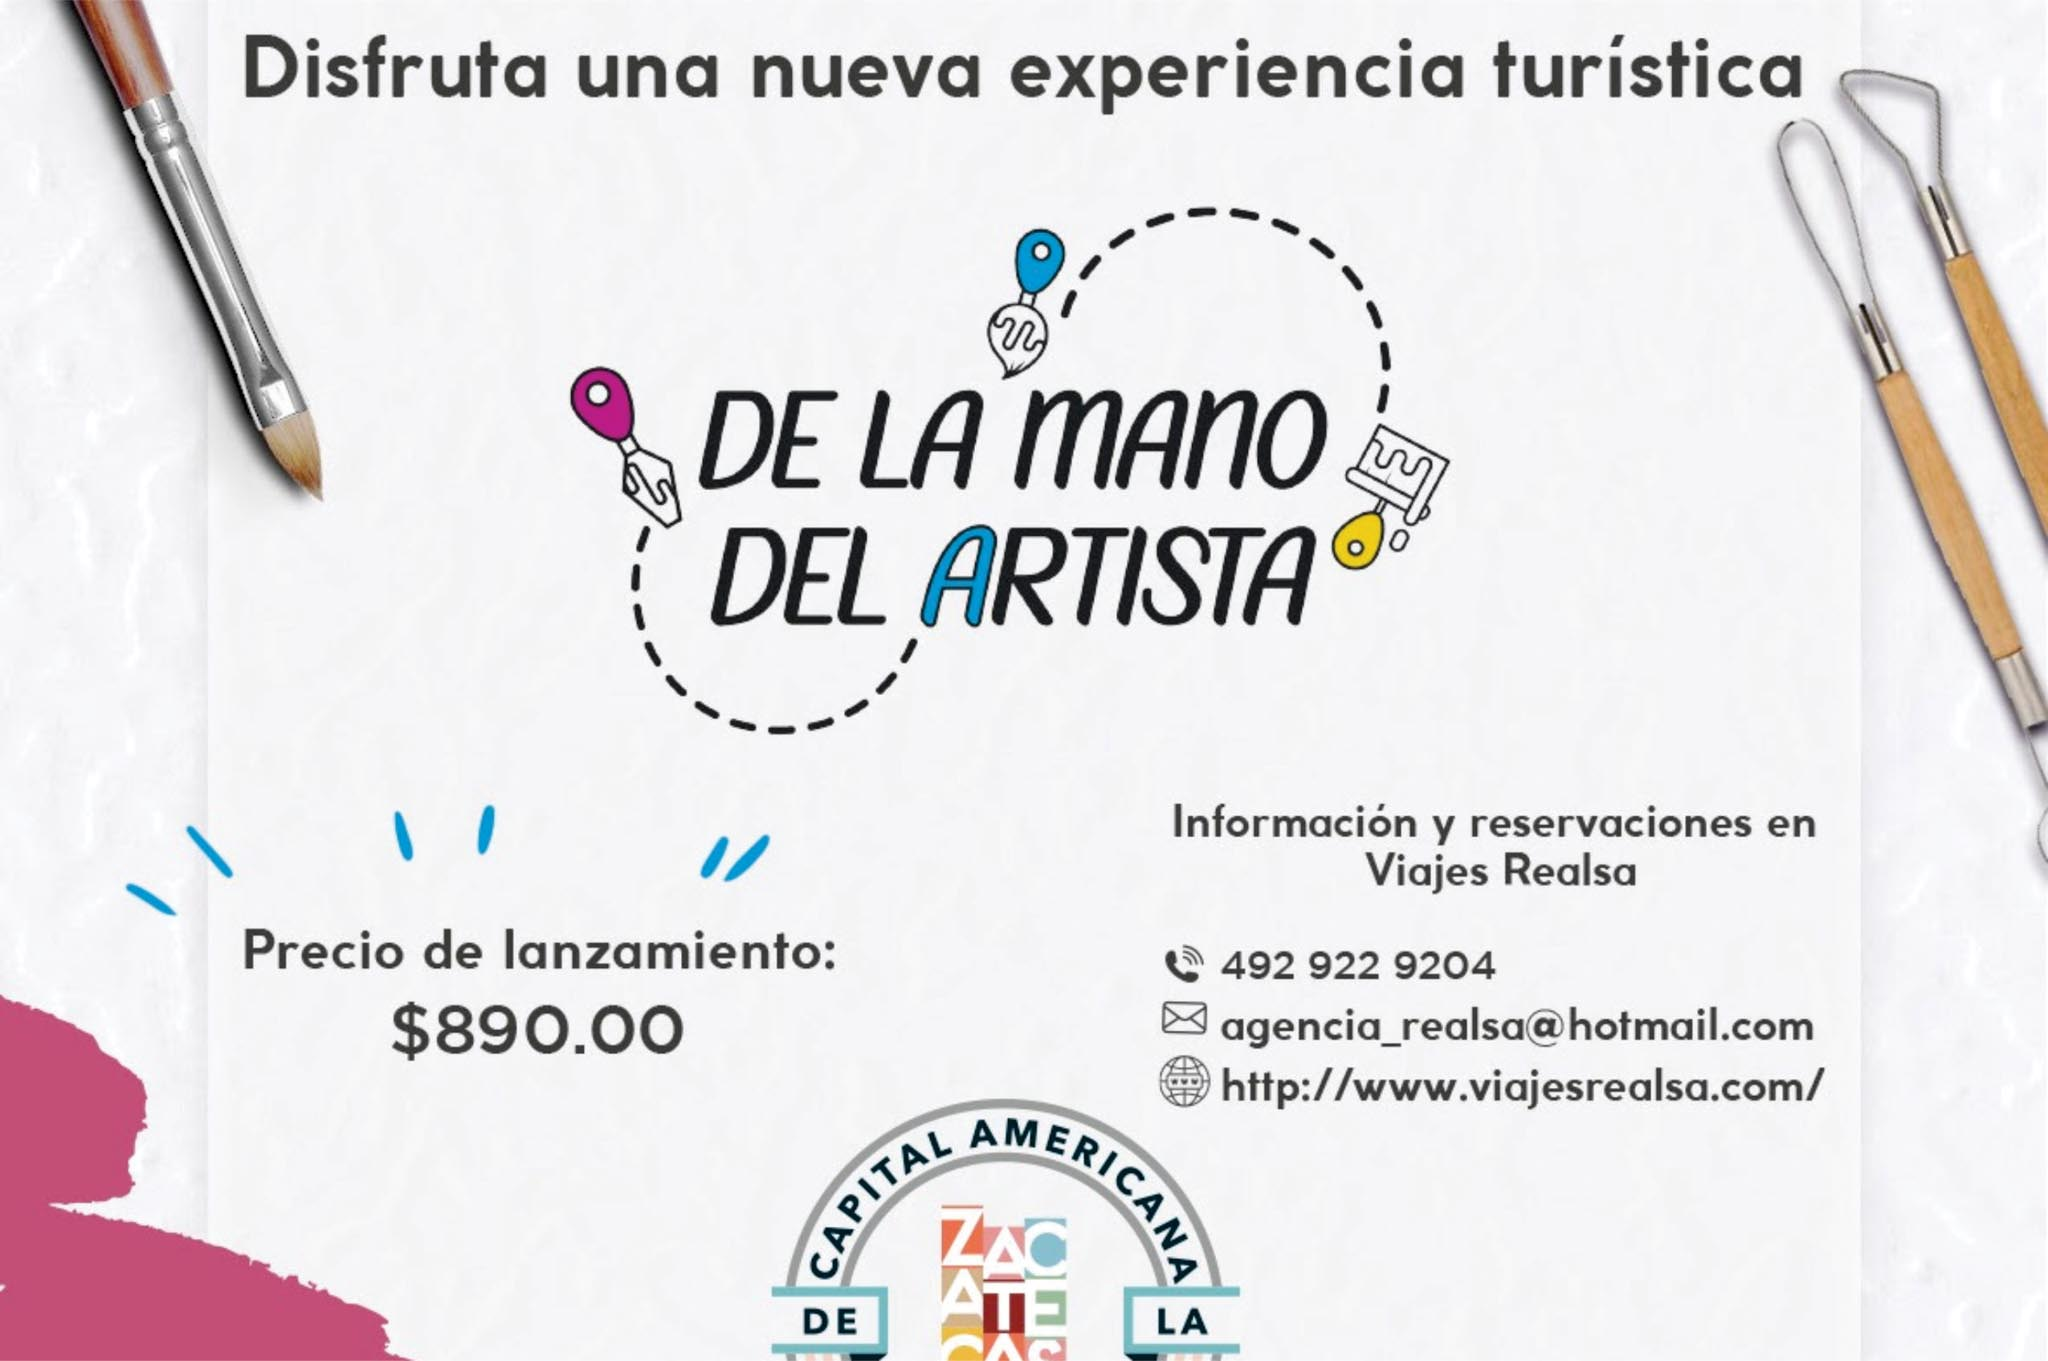 Ofrece Zacatecas nueva experiencia turística: de la mano del artista